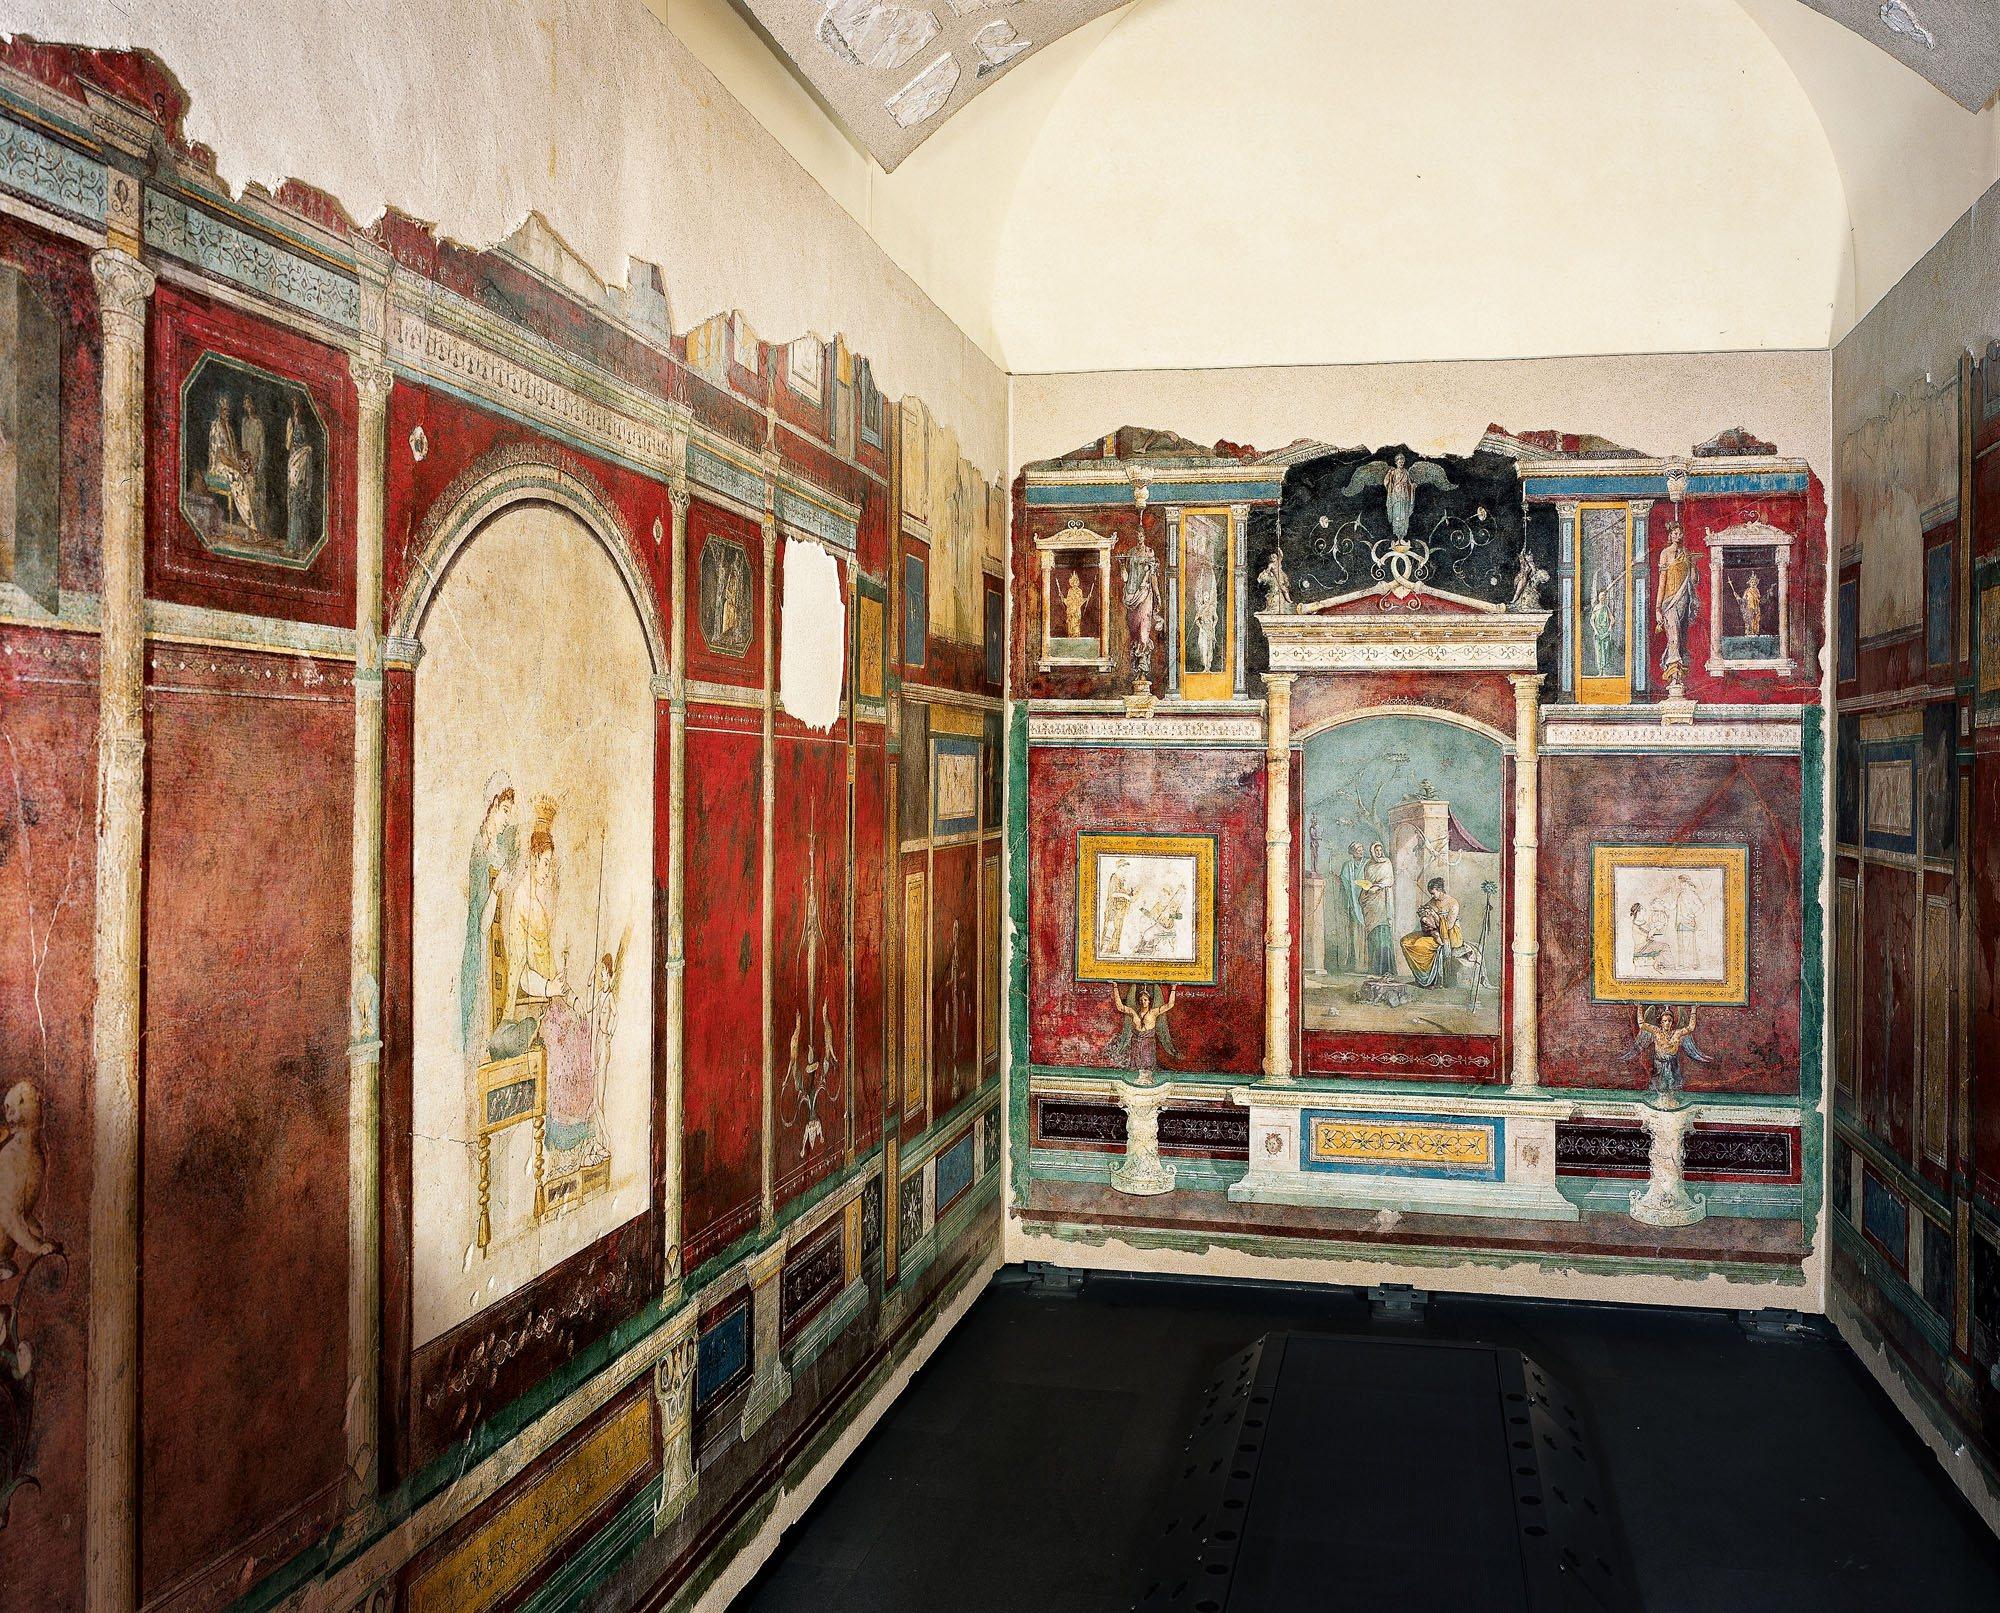 La villa farnesina una galer a de pintura bajo el t ber for La casa de las pinturas